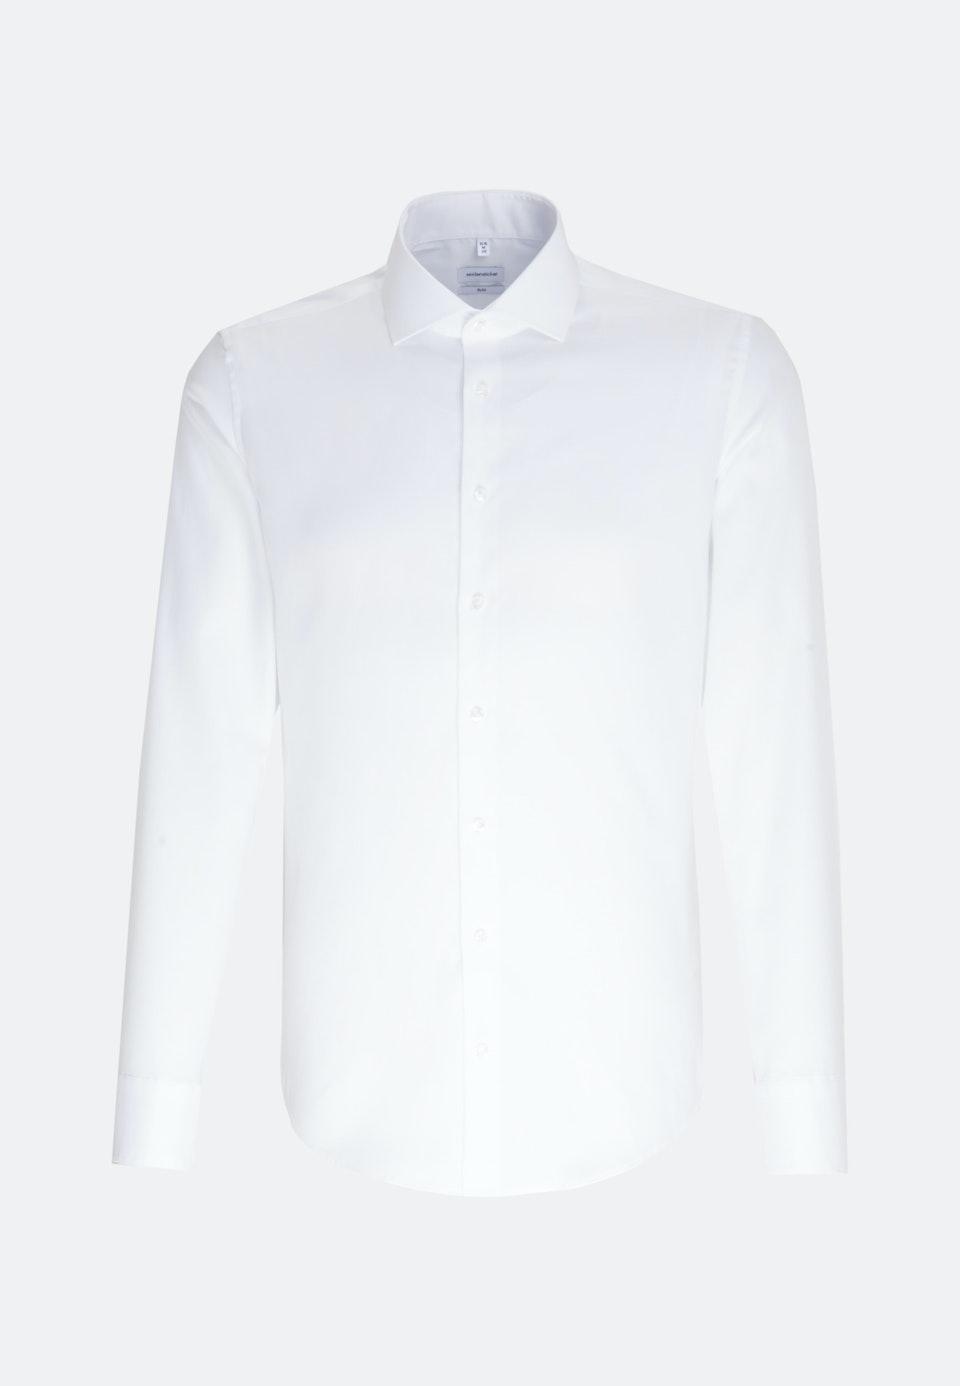 Bügelfreies Oxford Business Hemd in Slim mit Kentkragen in Weiß |  Seidensticker Onlineshop